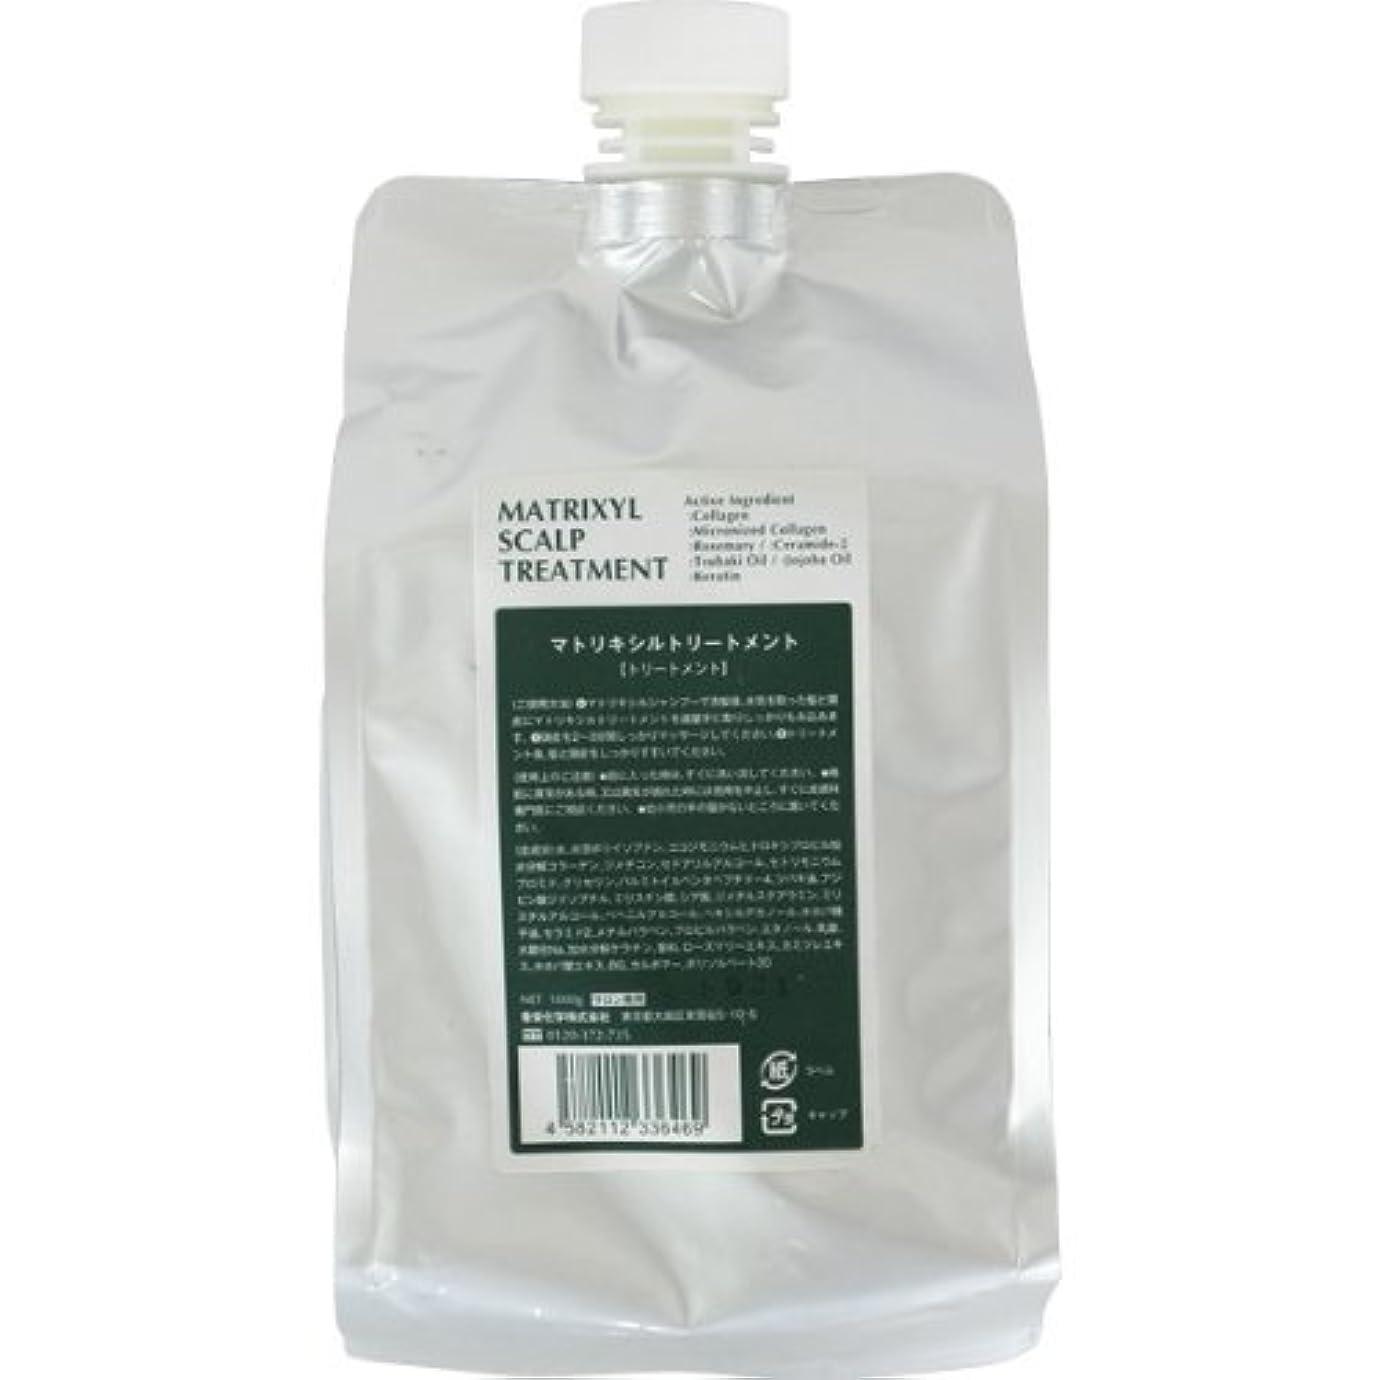 委員会枯渇不当香栄化学 マトリキシル スキャルプトリートメント レフィル 1000g